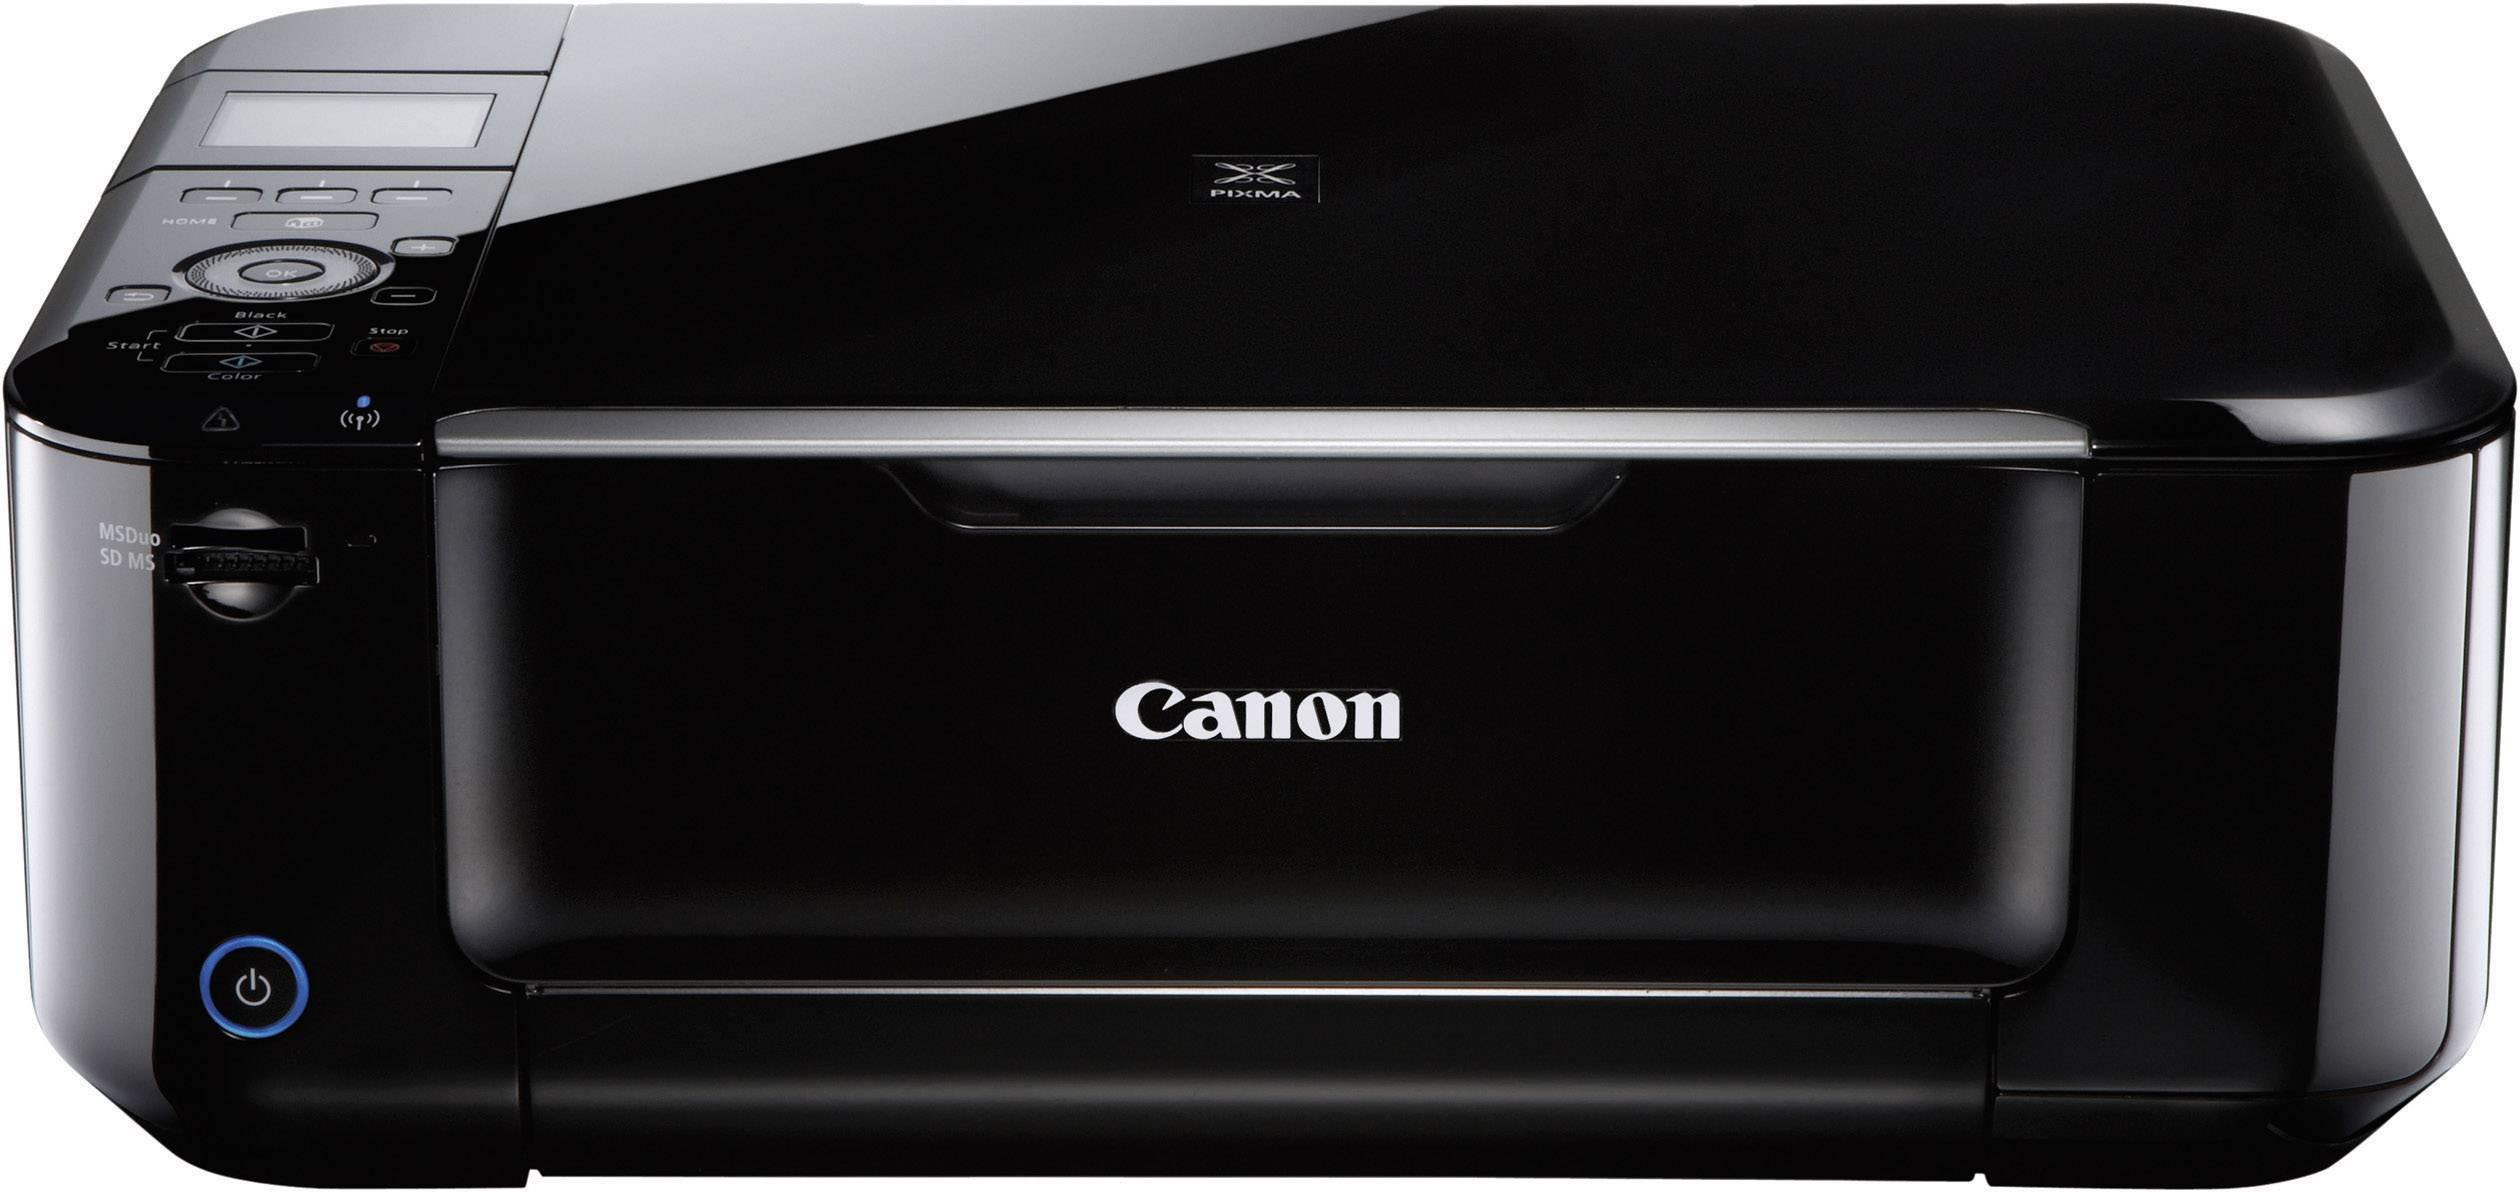 Download Driver: Canon PIXMA MG4150 Printer MP